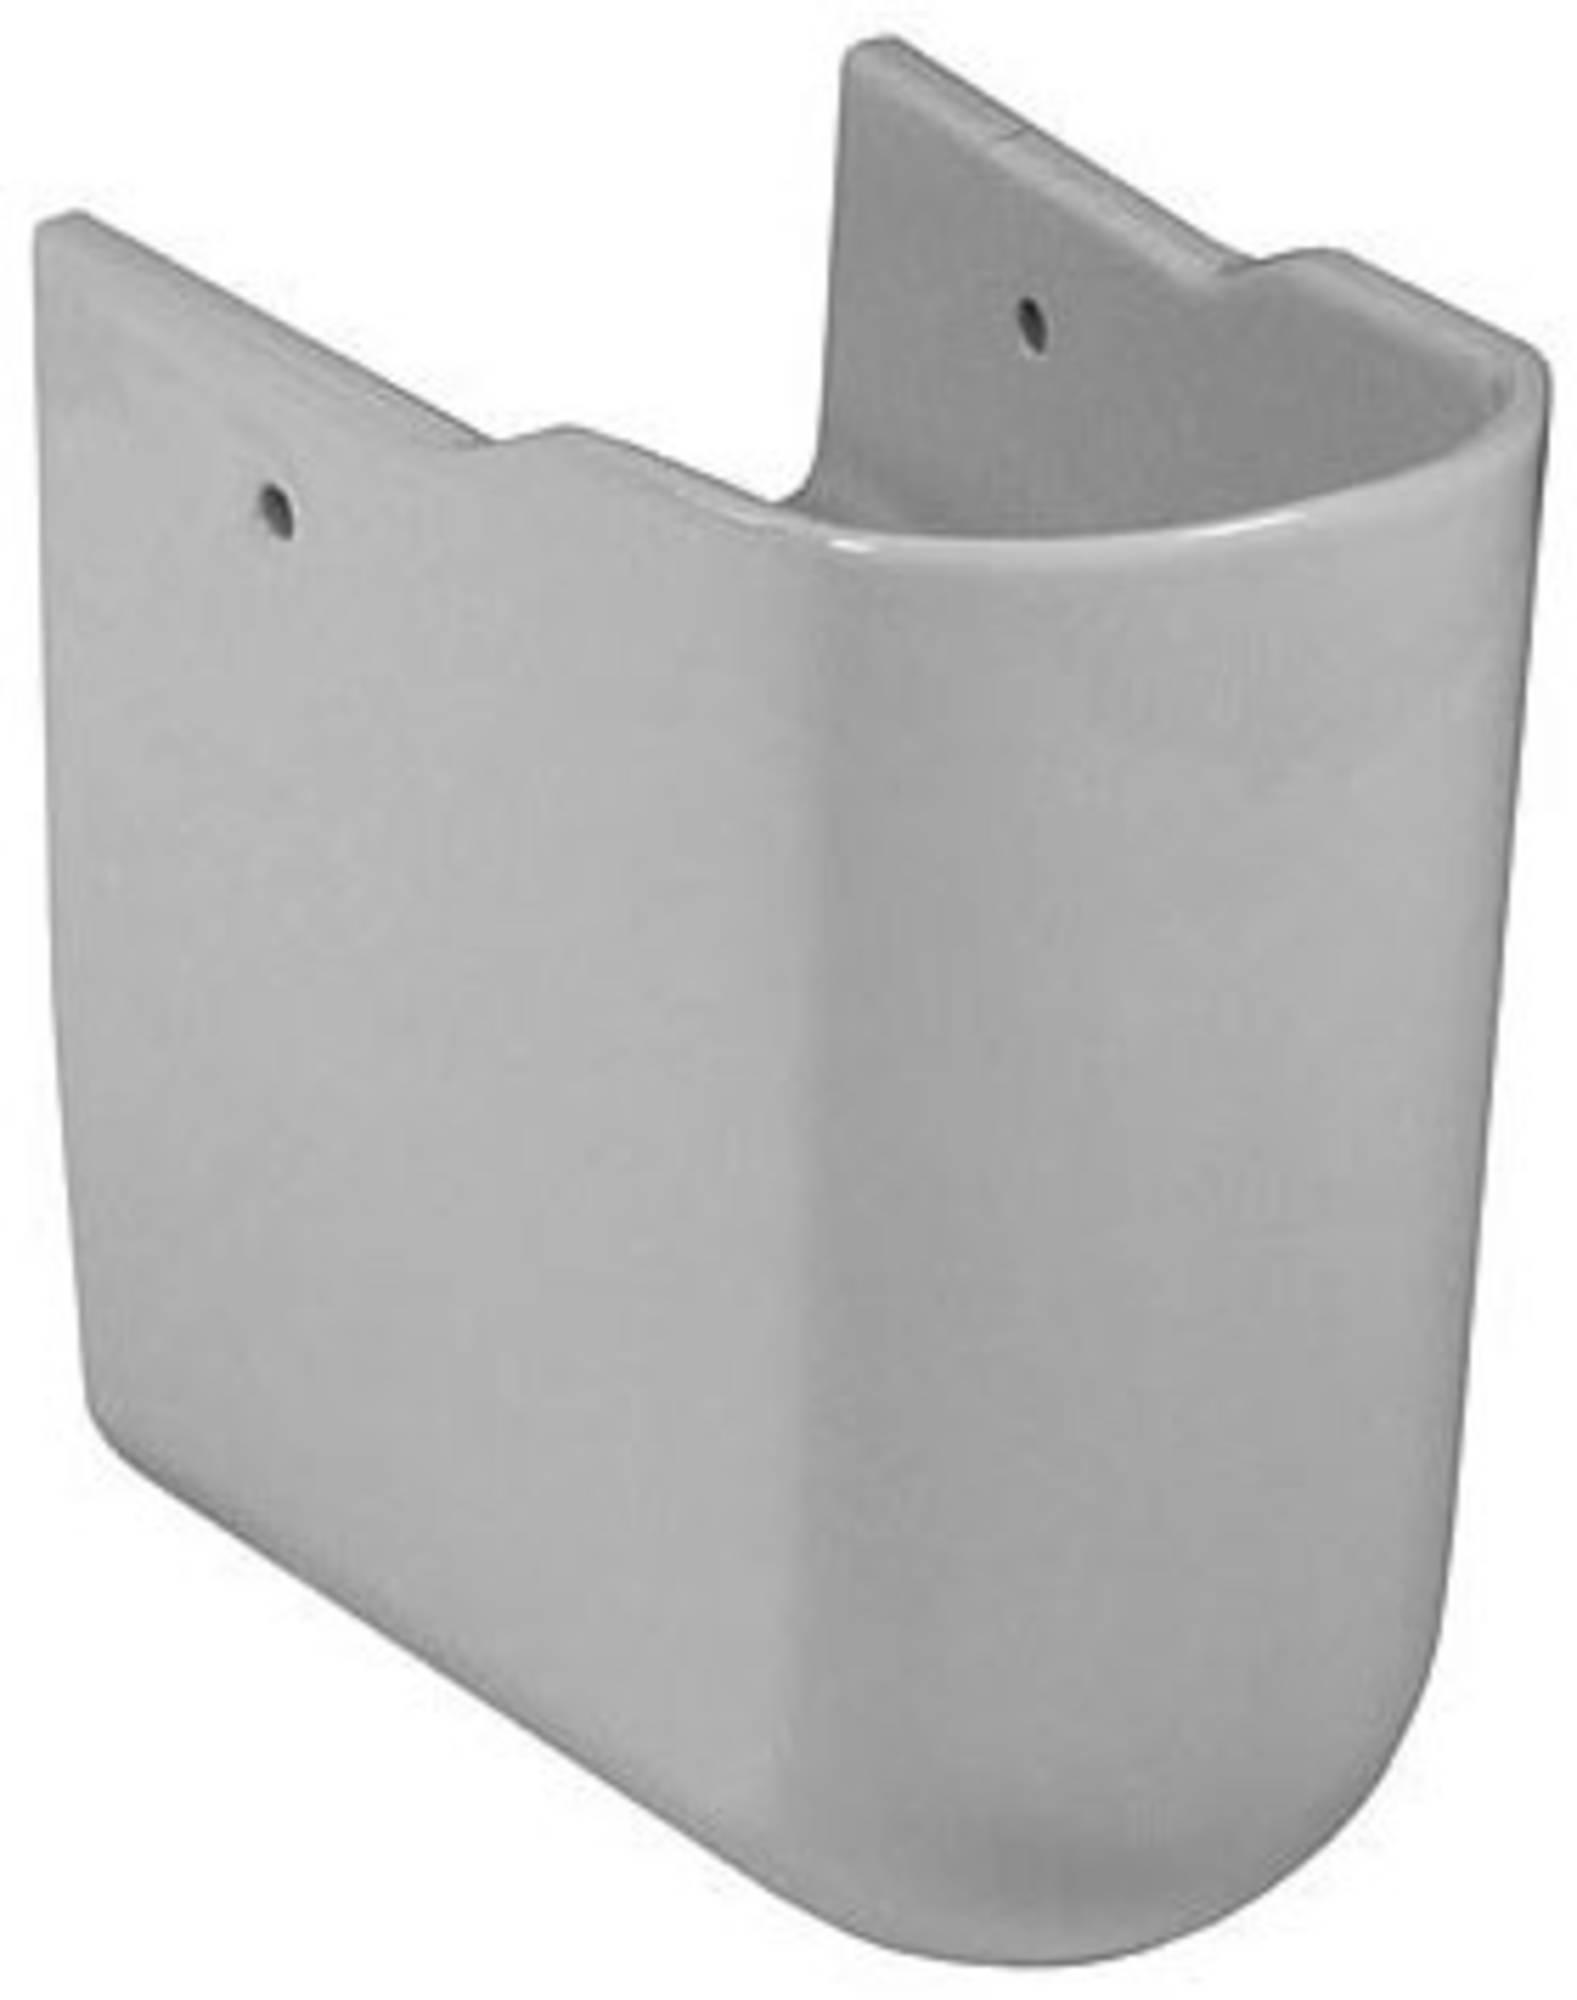 VILLEROY & BOCH SUBWAY 2.0 sifonkap voor wastafel ceramicplus PERGAMON (726400R3)